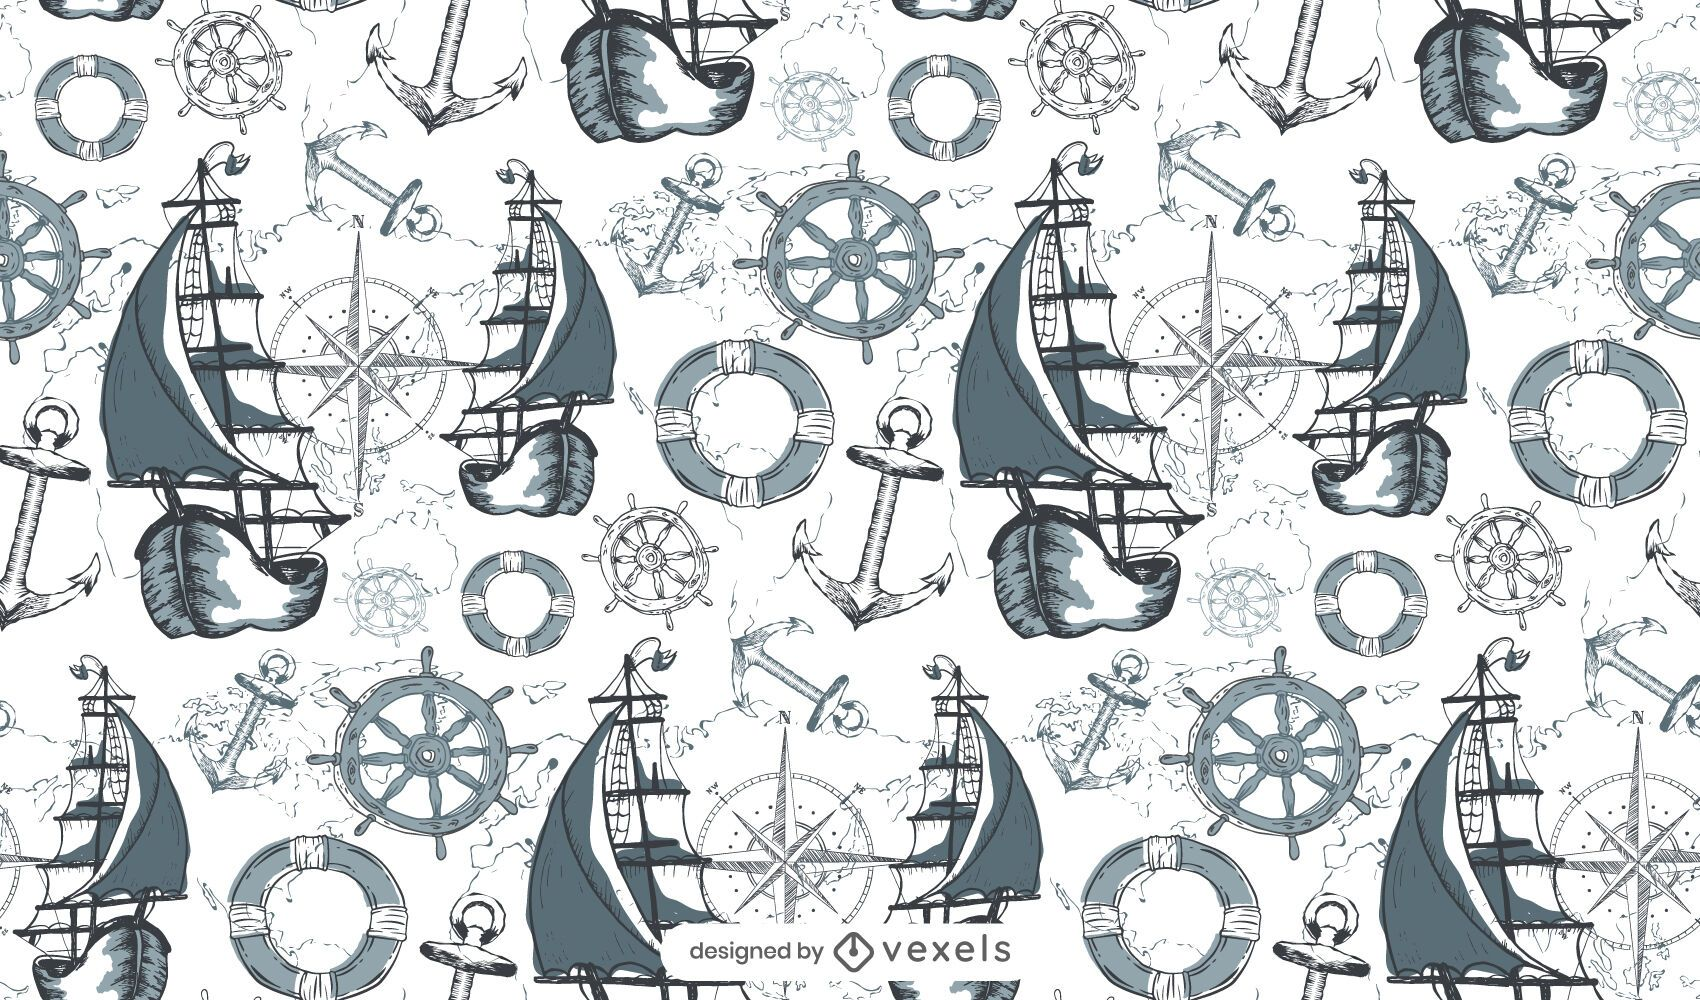 Diseño de patrón marítimo